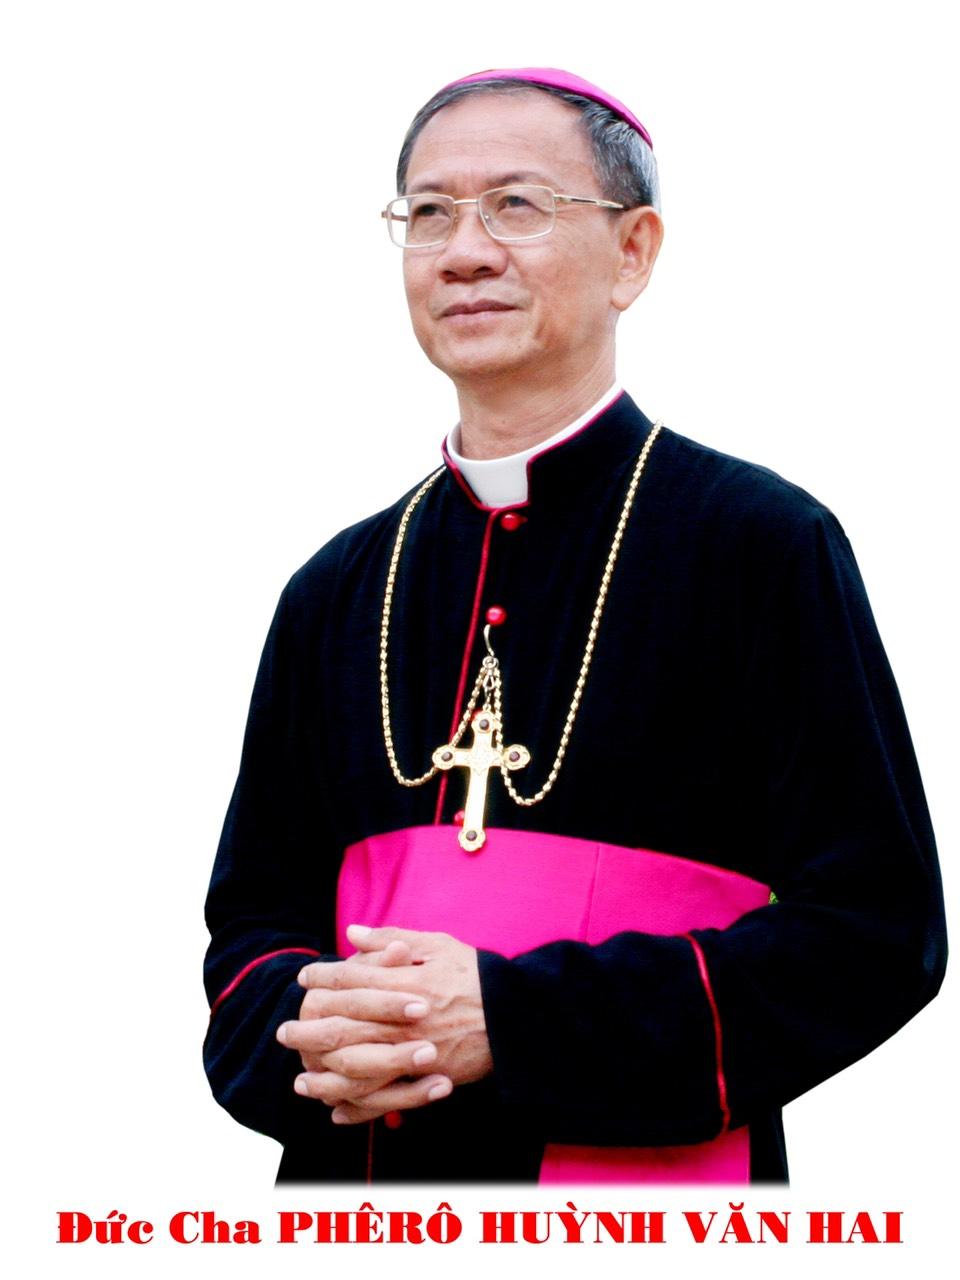 Đức Cha Phêrô Huỳnh Văn Hai